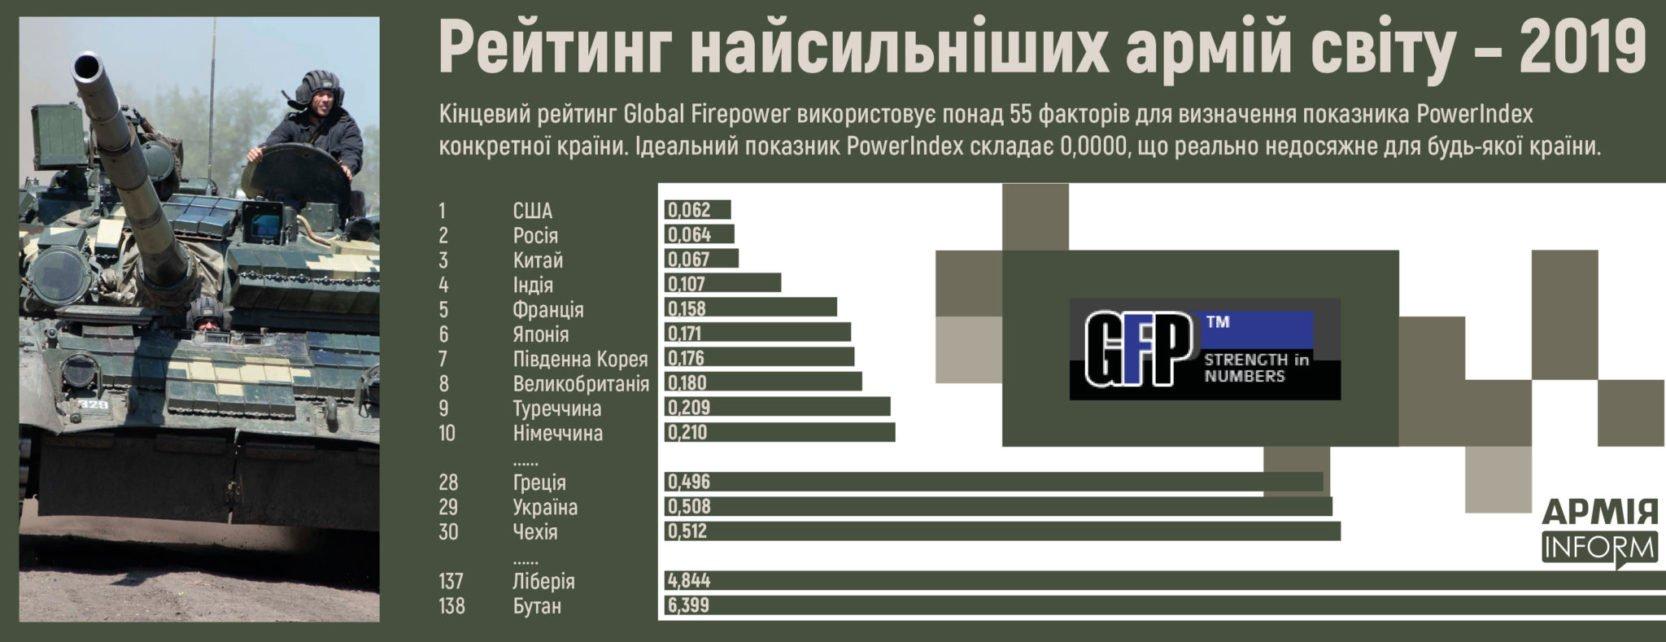 Українське військо – у тридцятці найсильніших армій світу